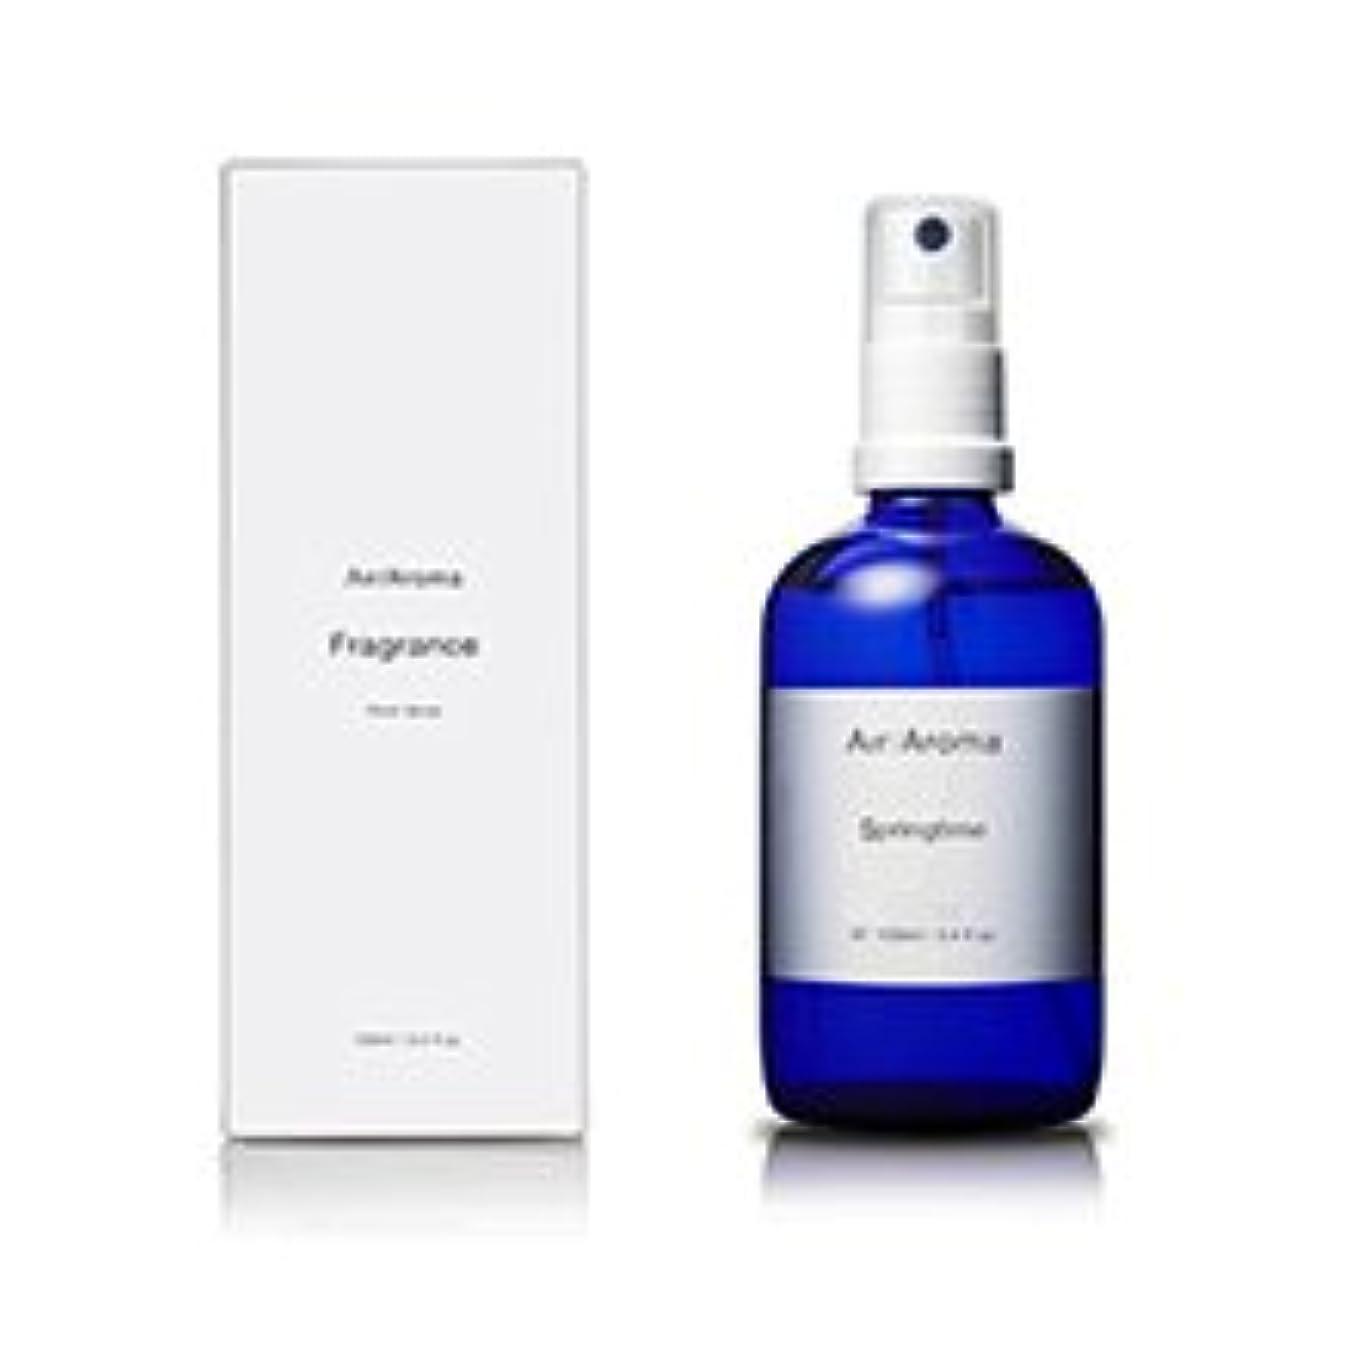 先史時代の着服側溝エアアロマ springtime room fragrance(スプリングタイム ルームフレグランス)100ml